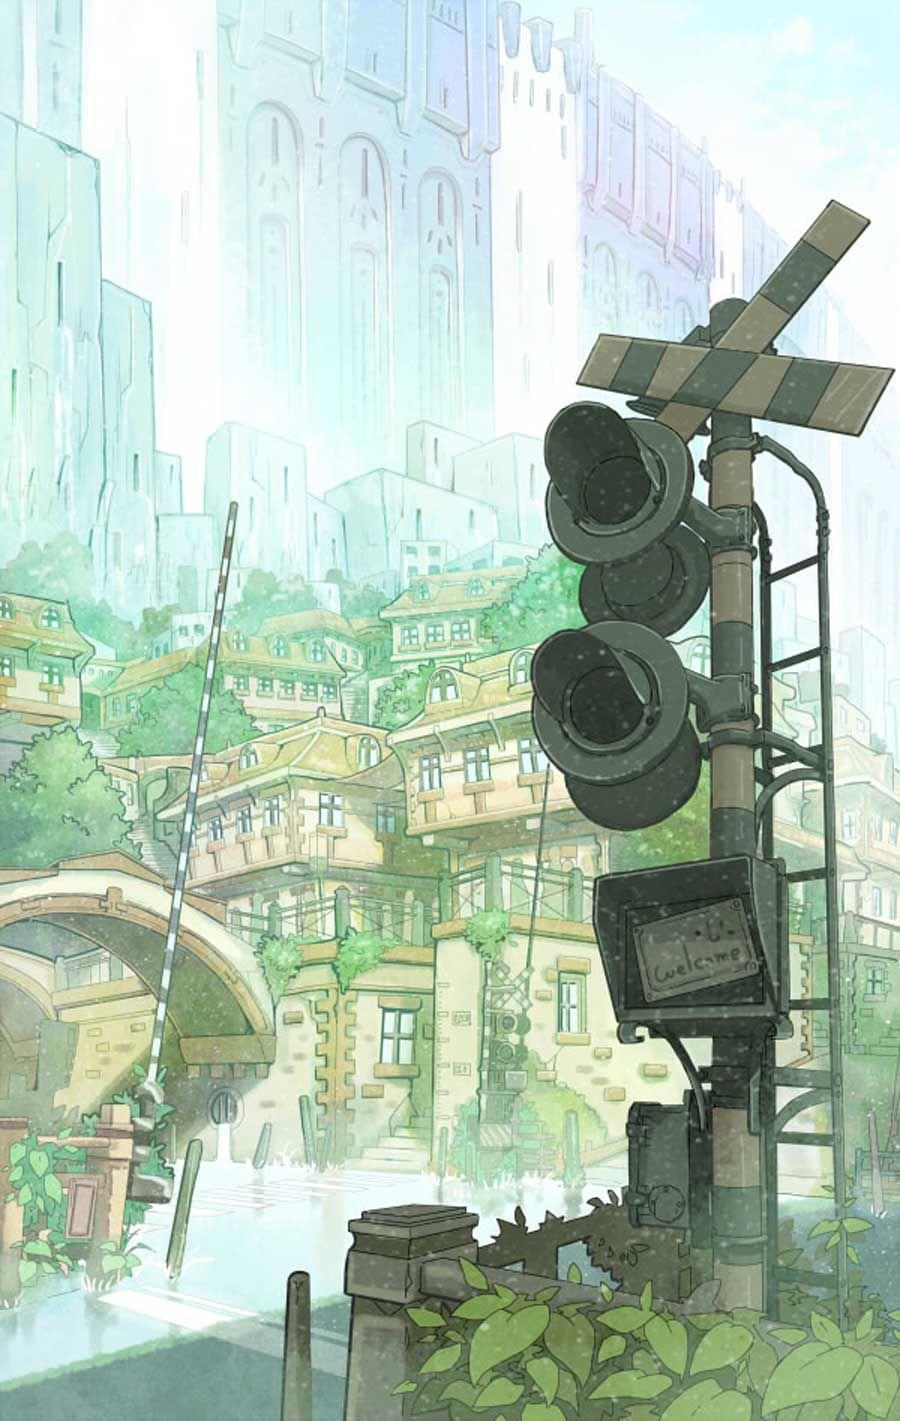 架空の街背景イラスト描き方アイデア イラスト背景 Illustration